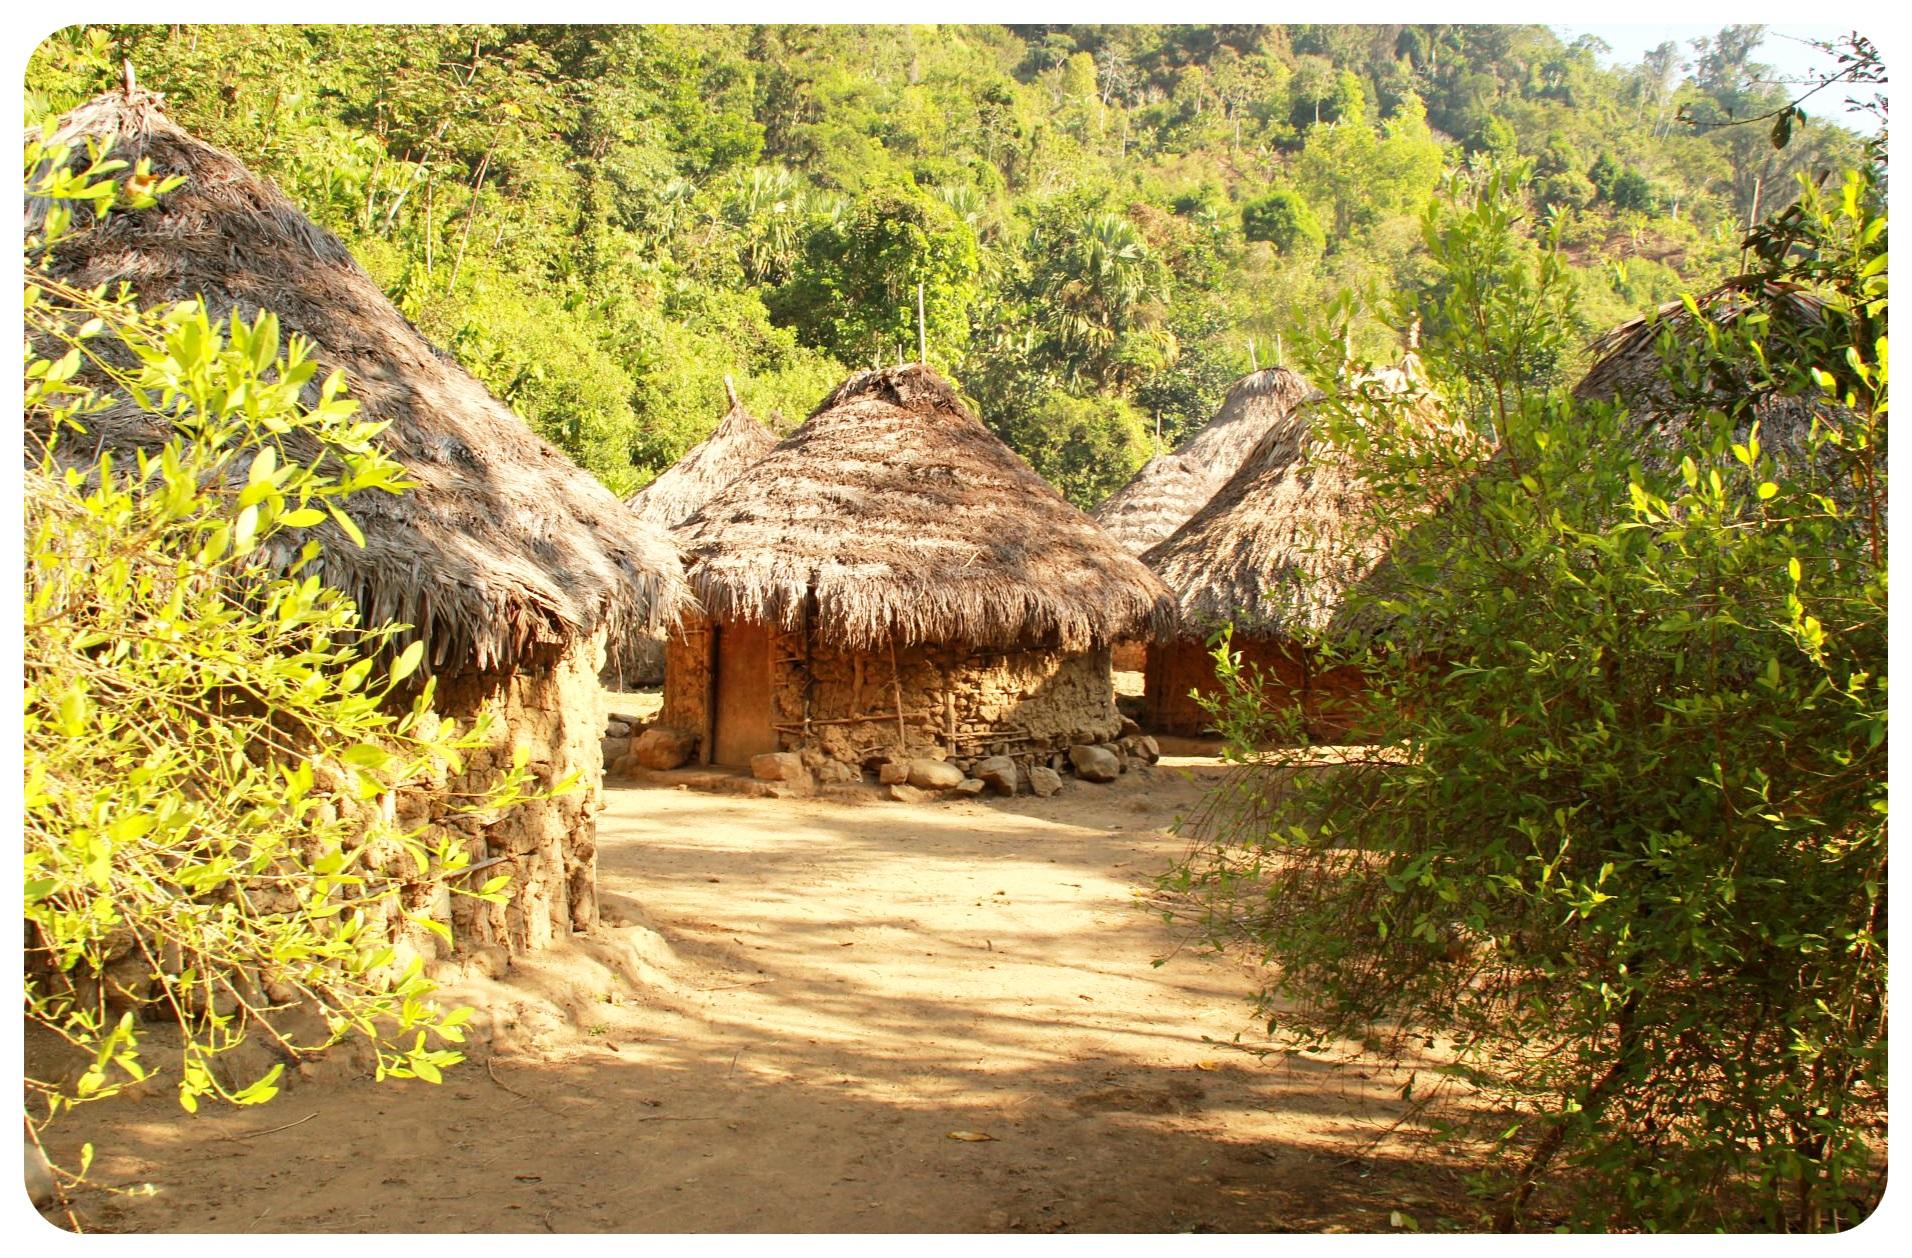 ciudad perdida trek indigenous village